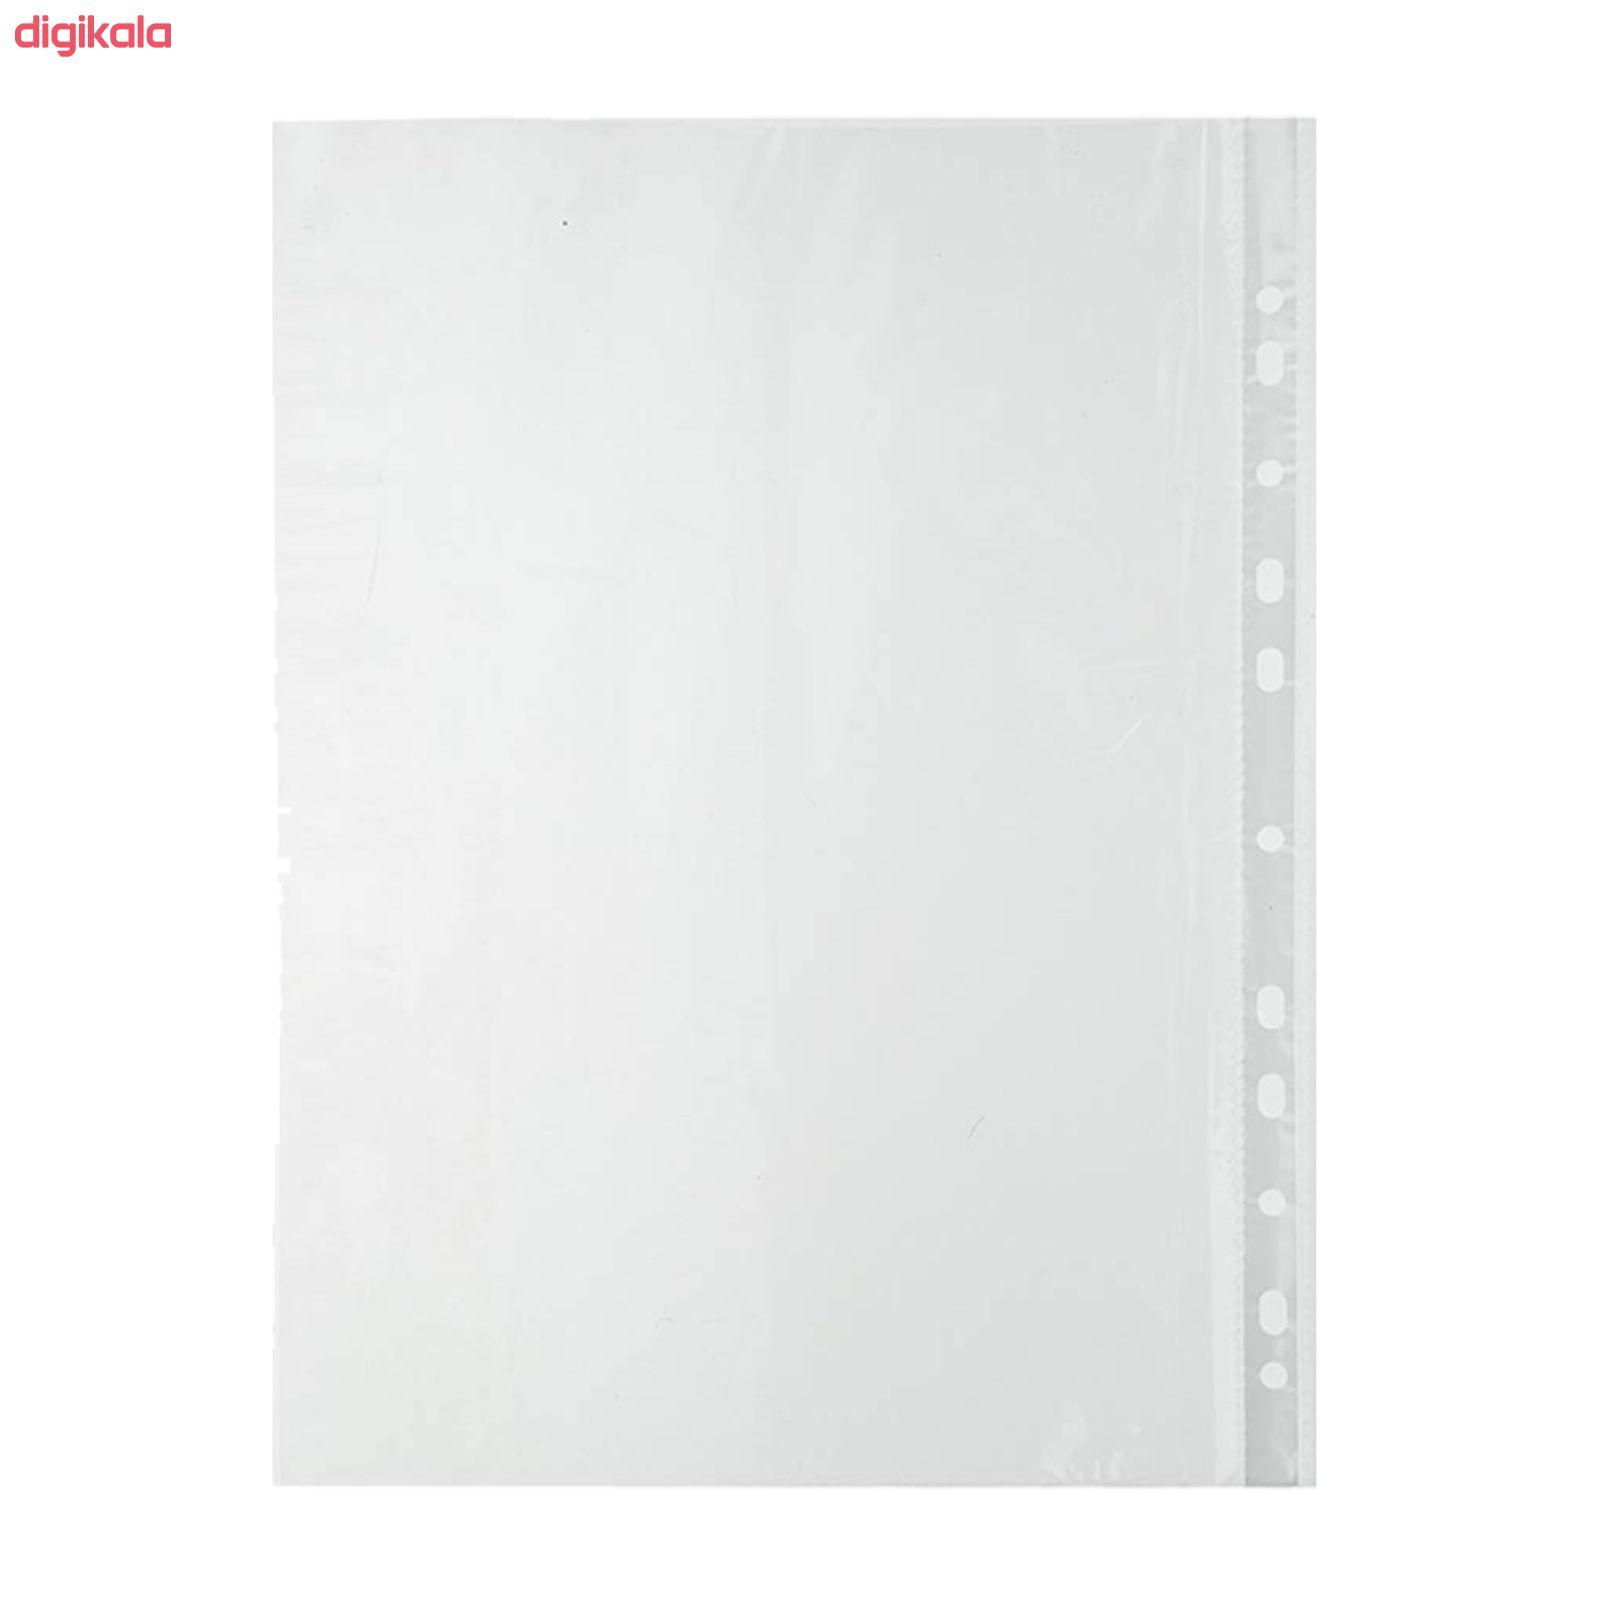 کاور کاغذ A4 کد S.A.M120 بسته 20 عددی main 1 1